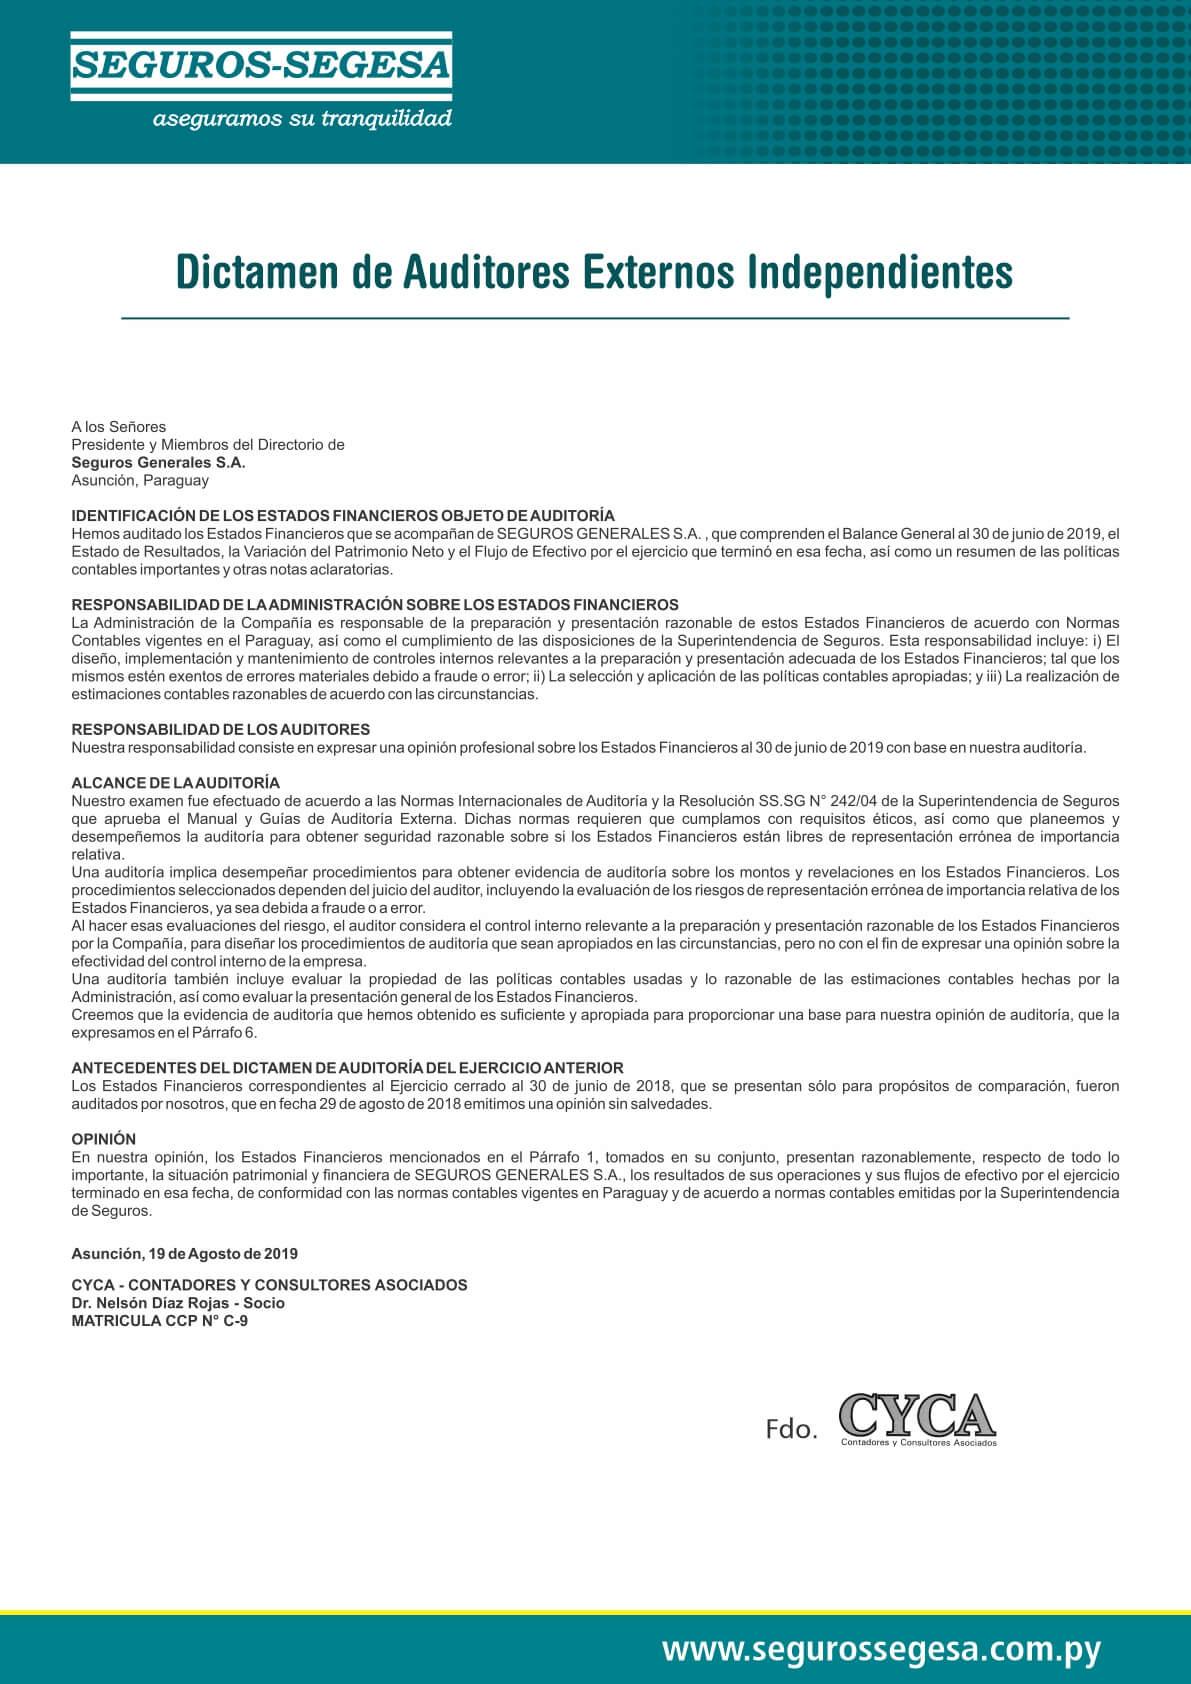 Dictamen Auditores 2019